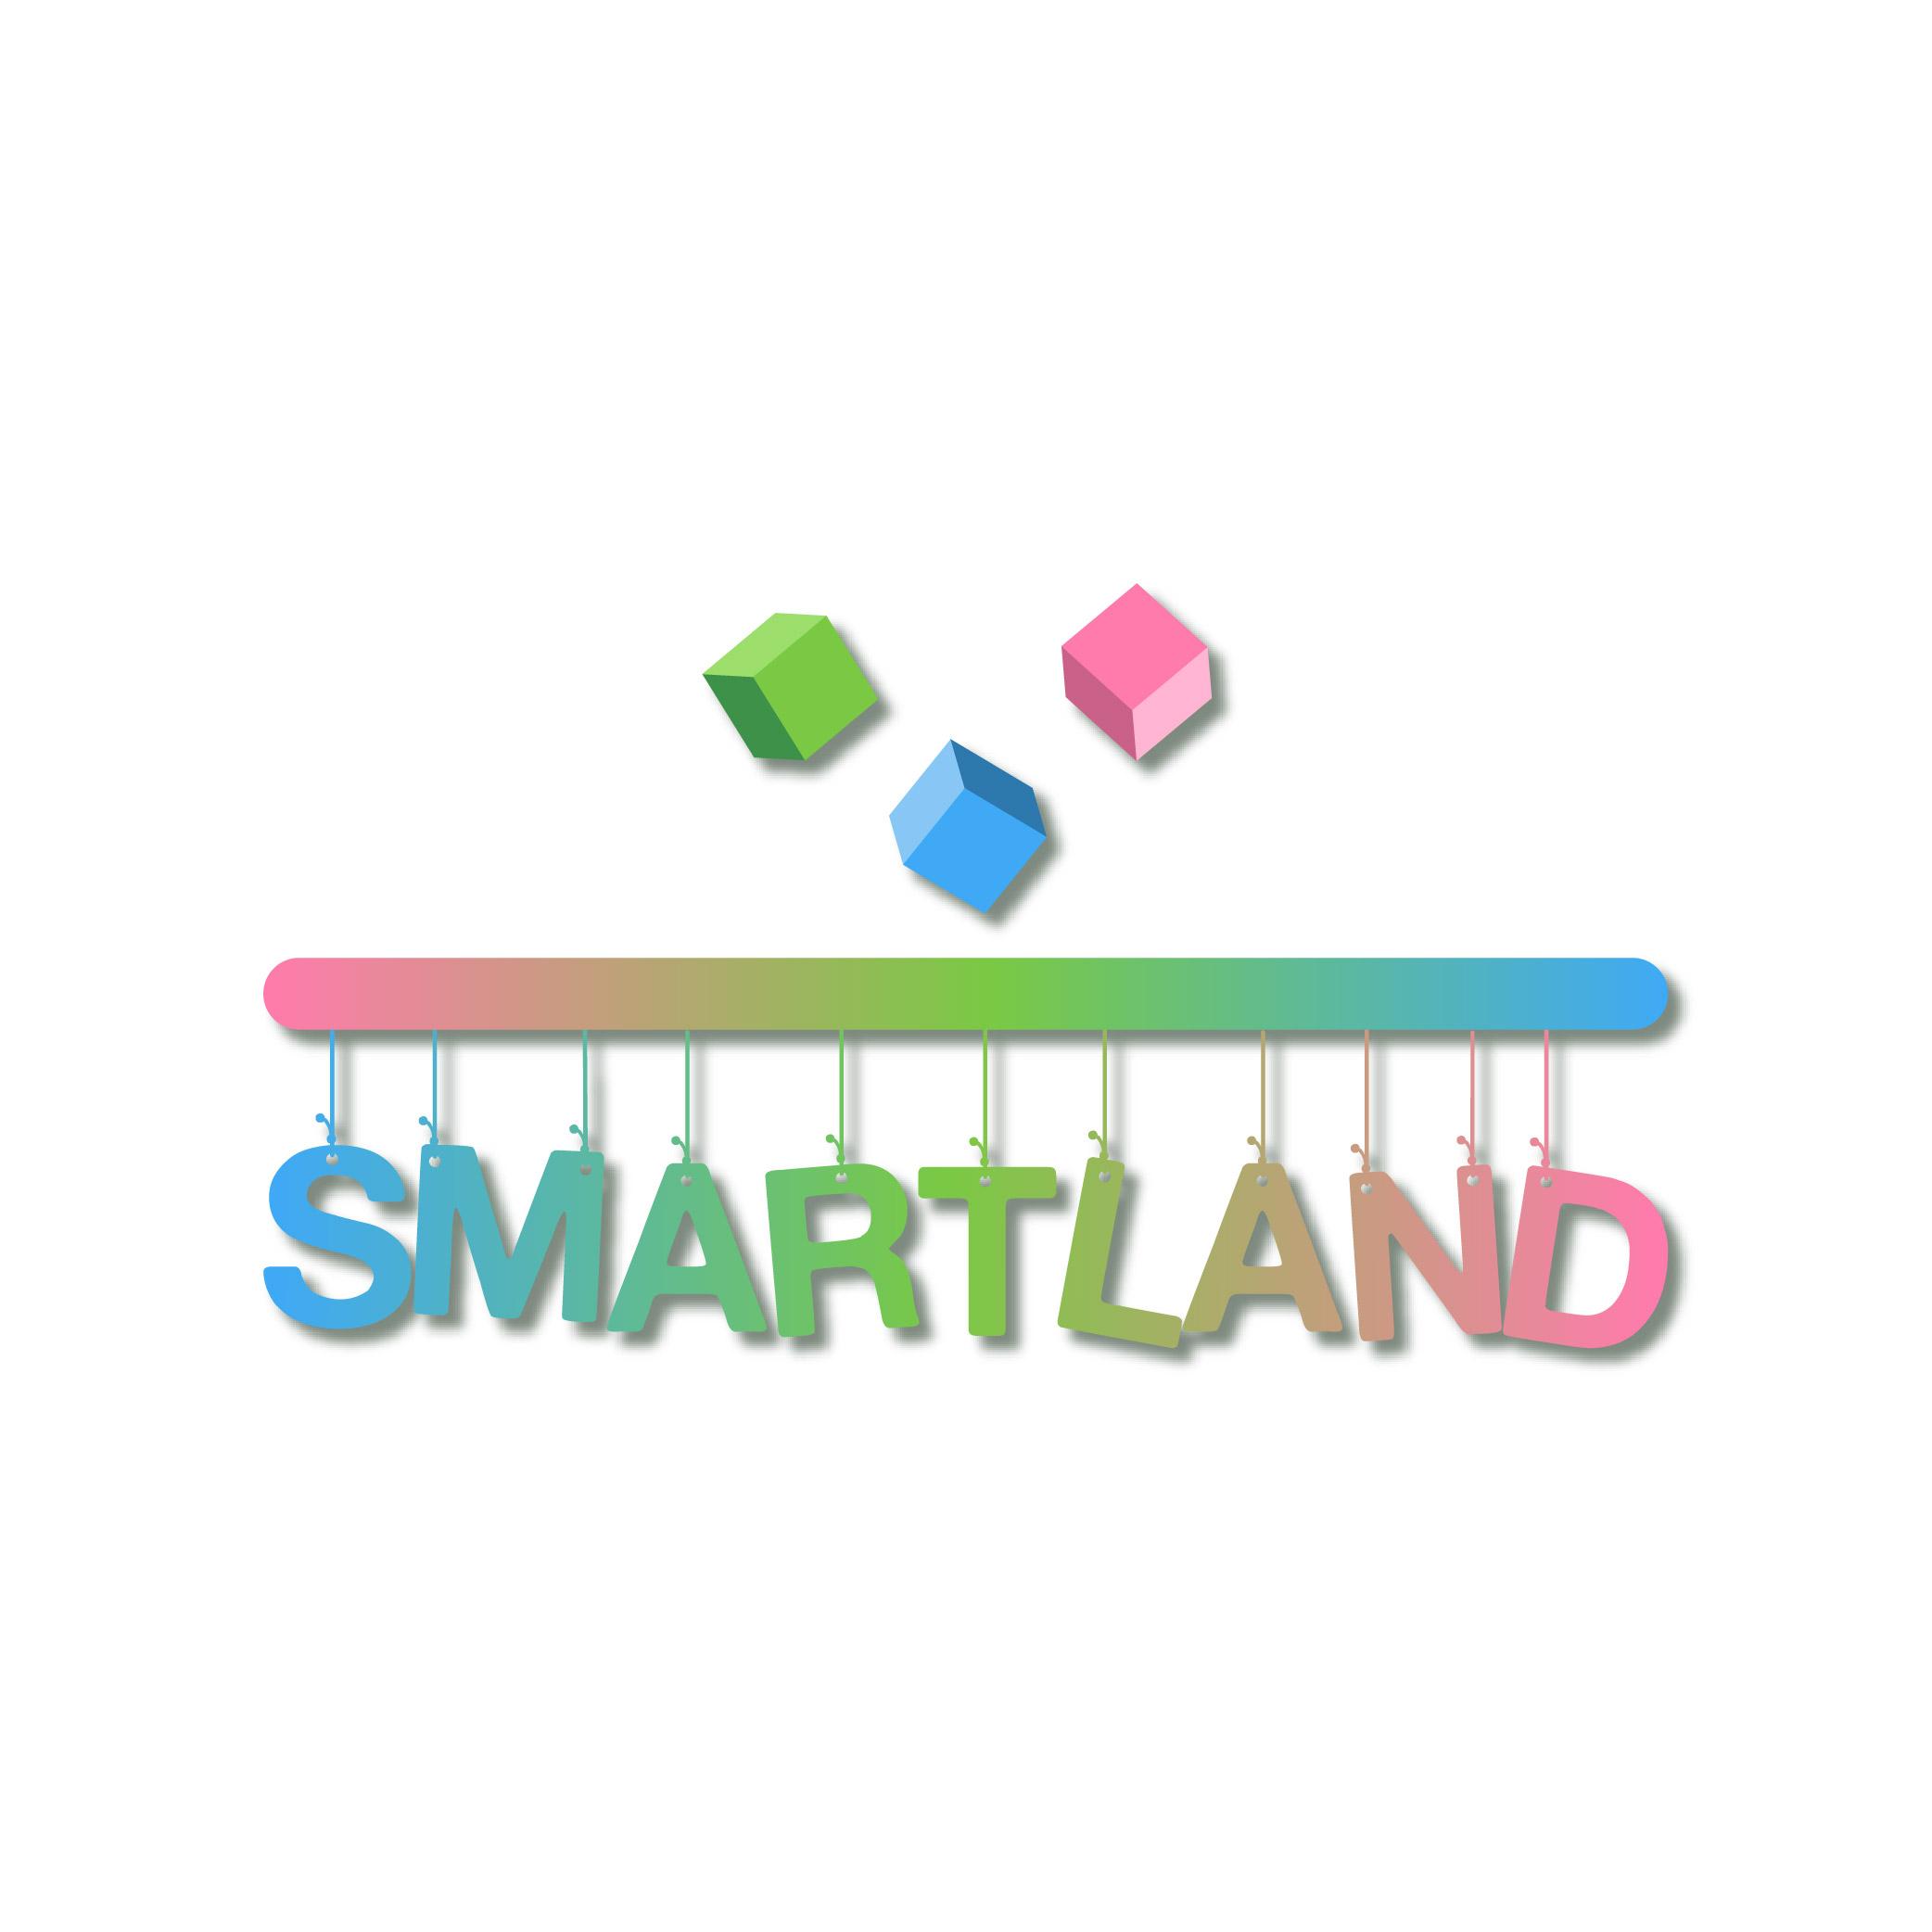 Разработать логотип для детской образовательной платформы фото f_096607c6849a5c7e.jpg